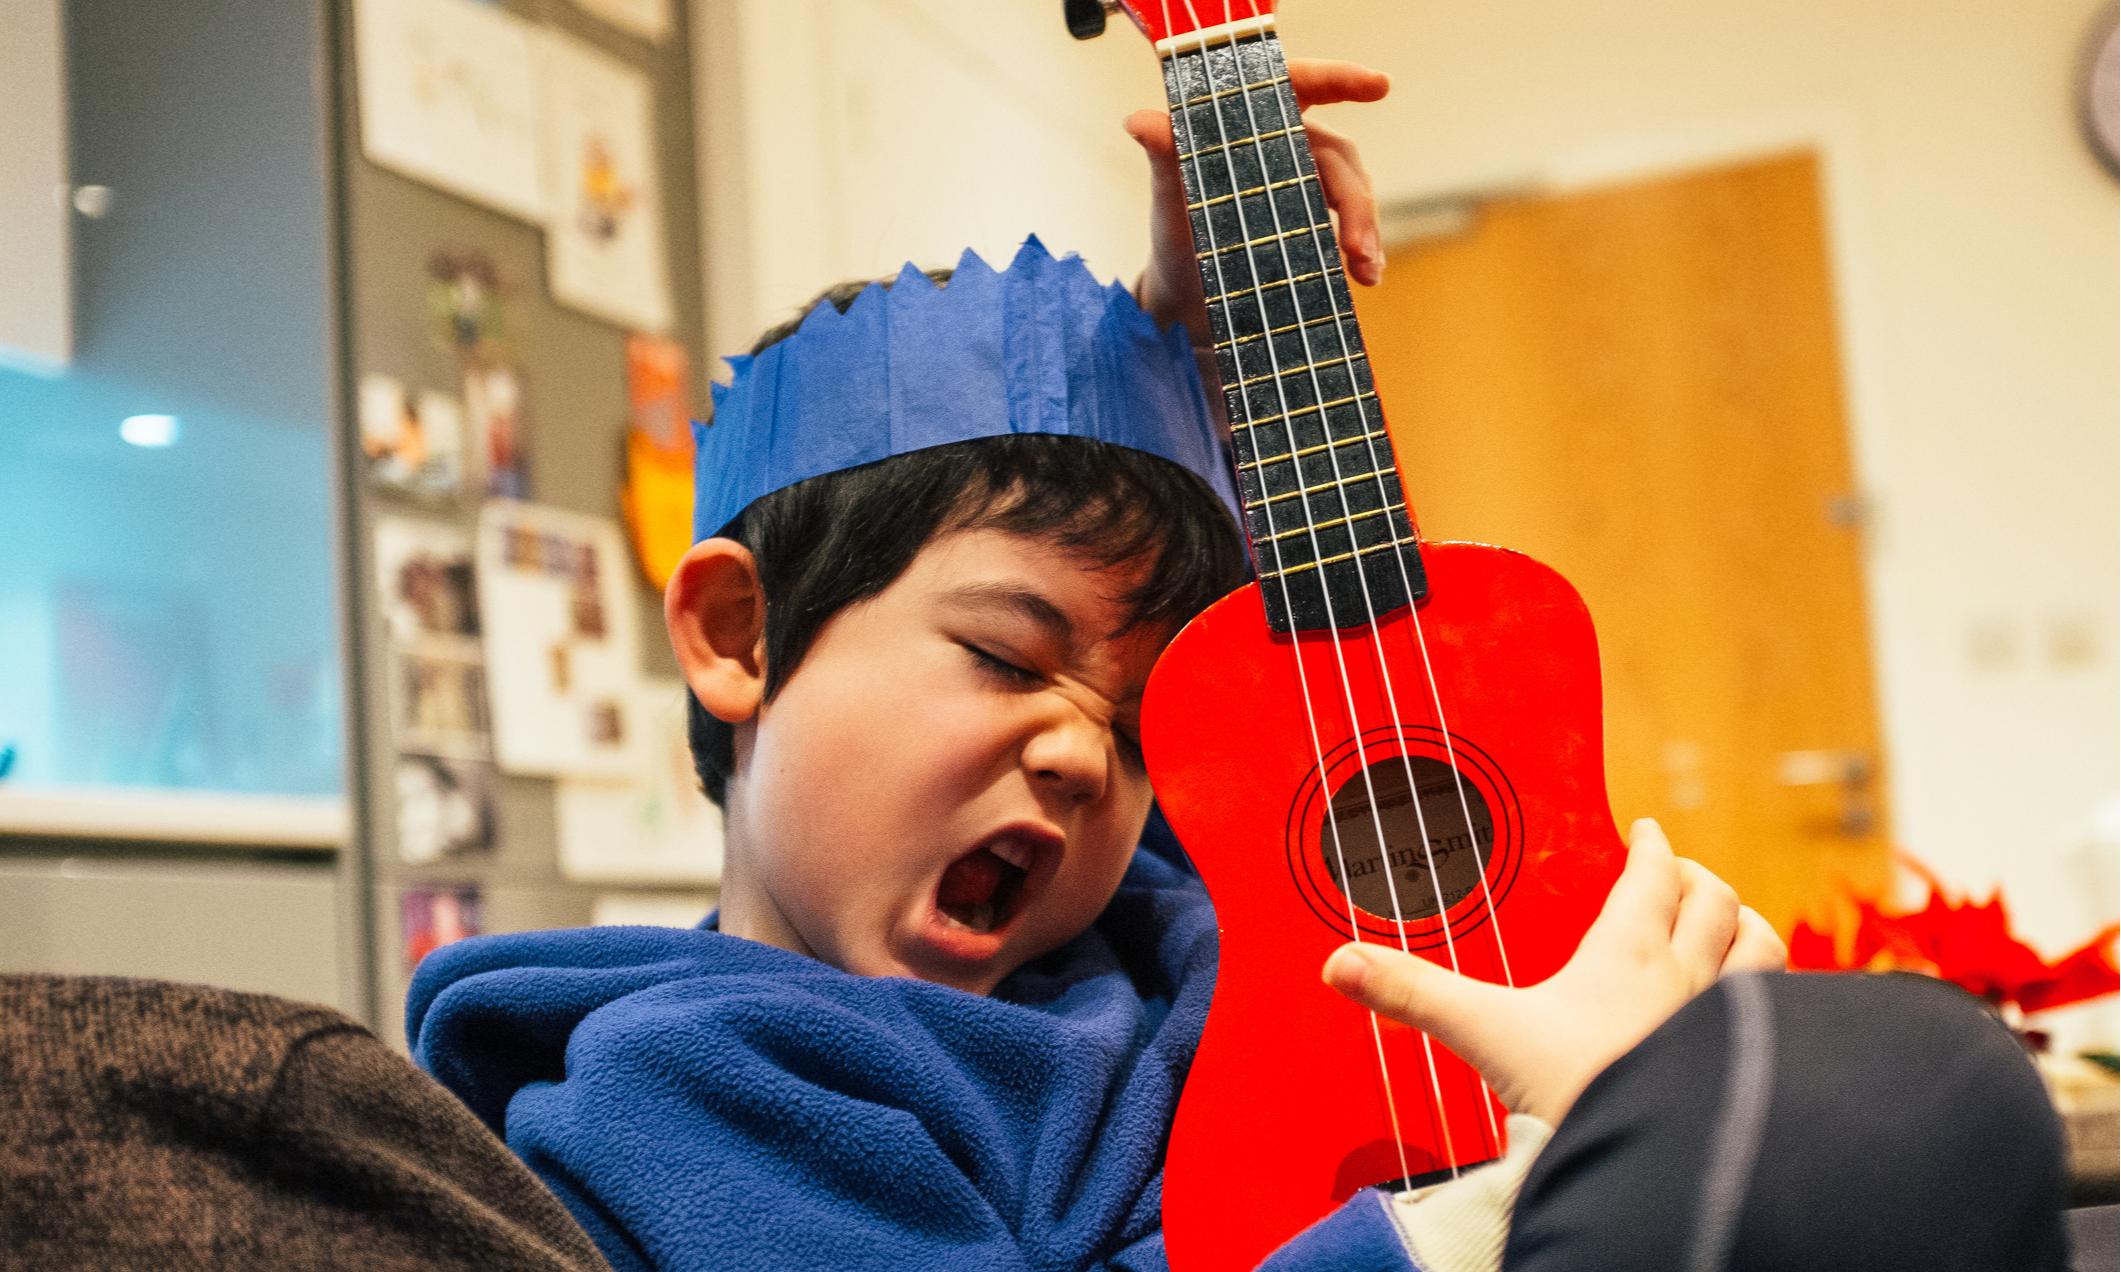 По барабану: 6 детских игр, которые развивают музыкальный слух